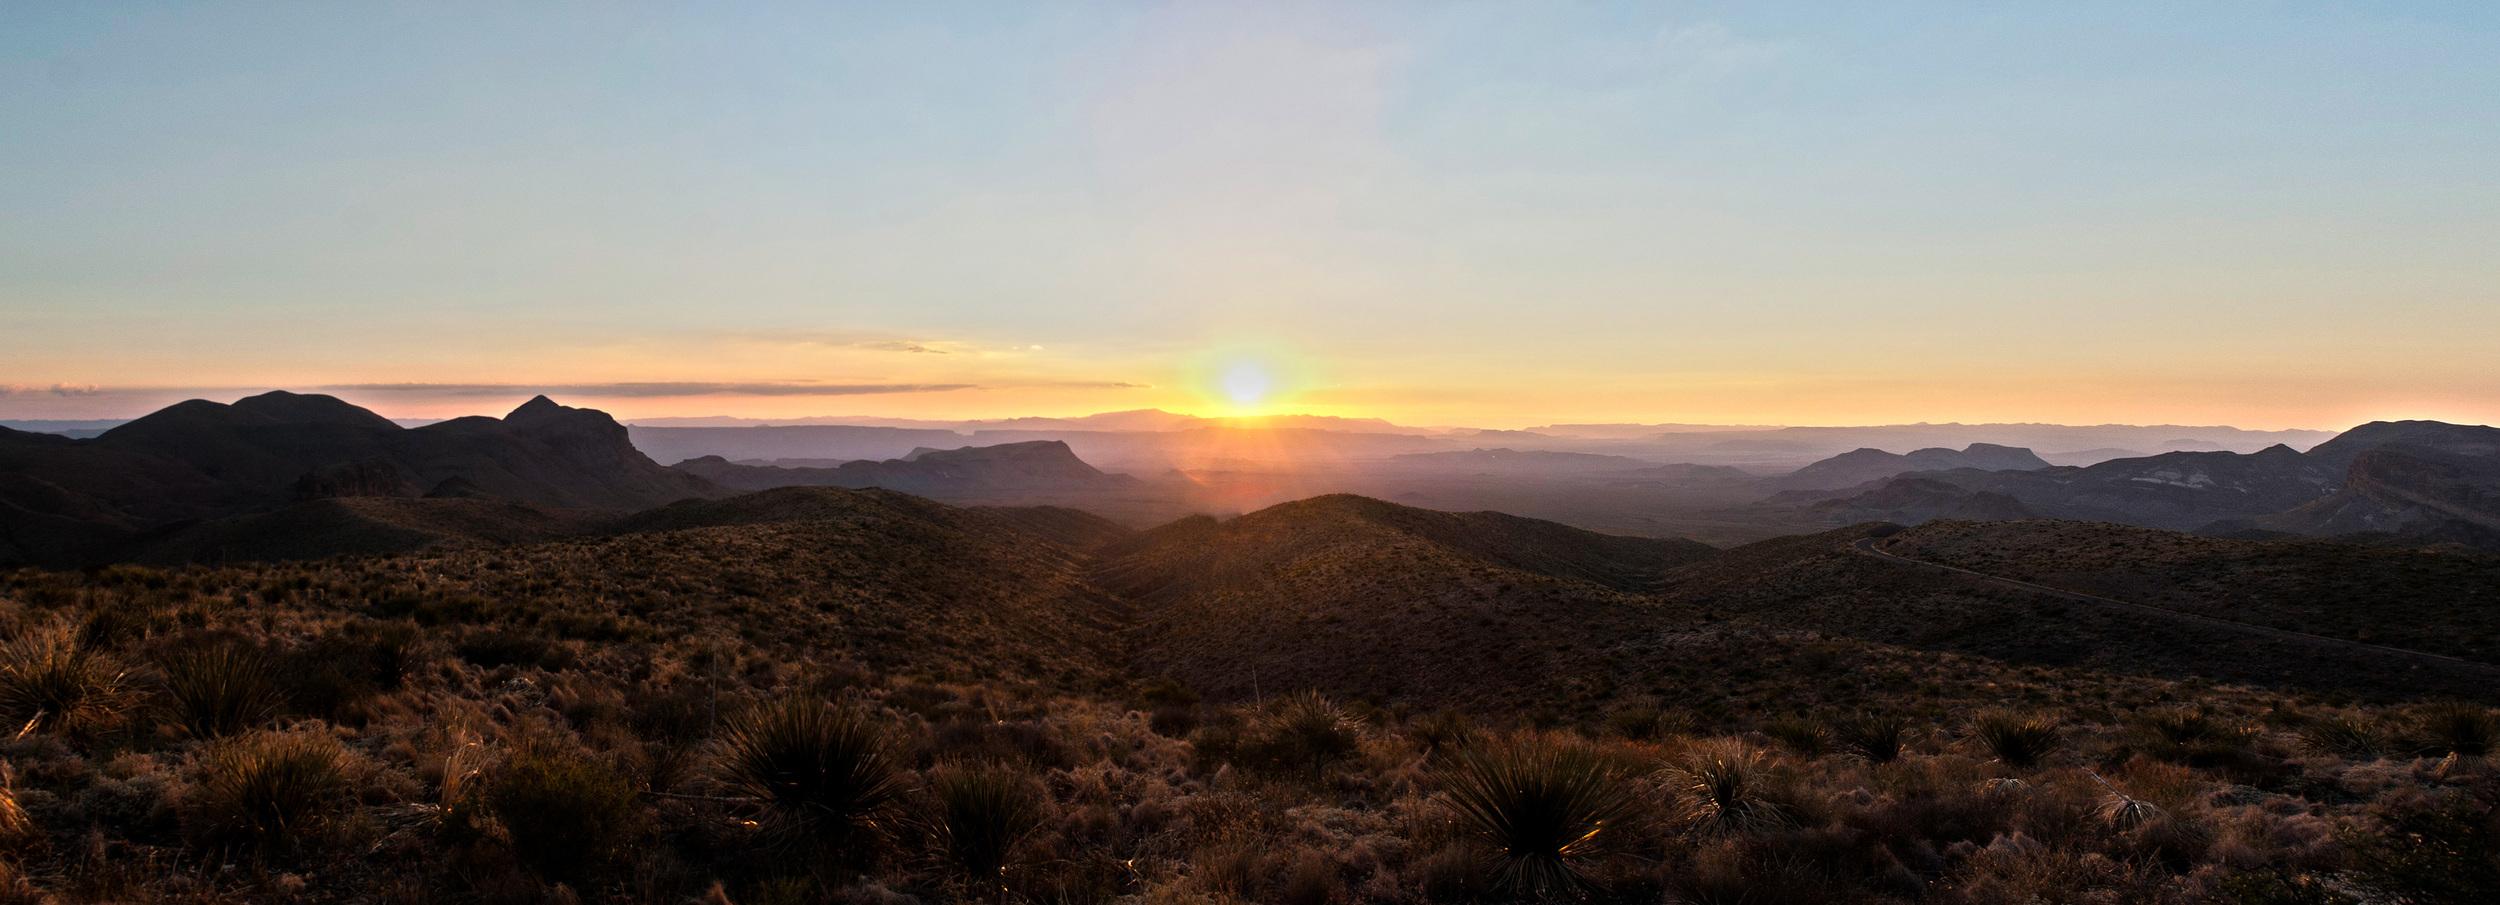 SunsetHDRpanarama2web.jpg